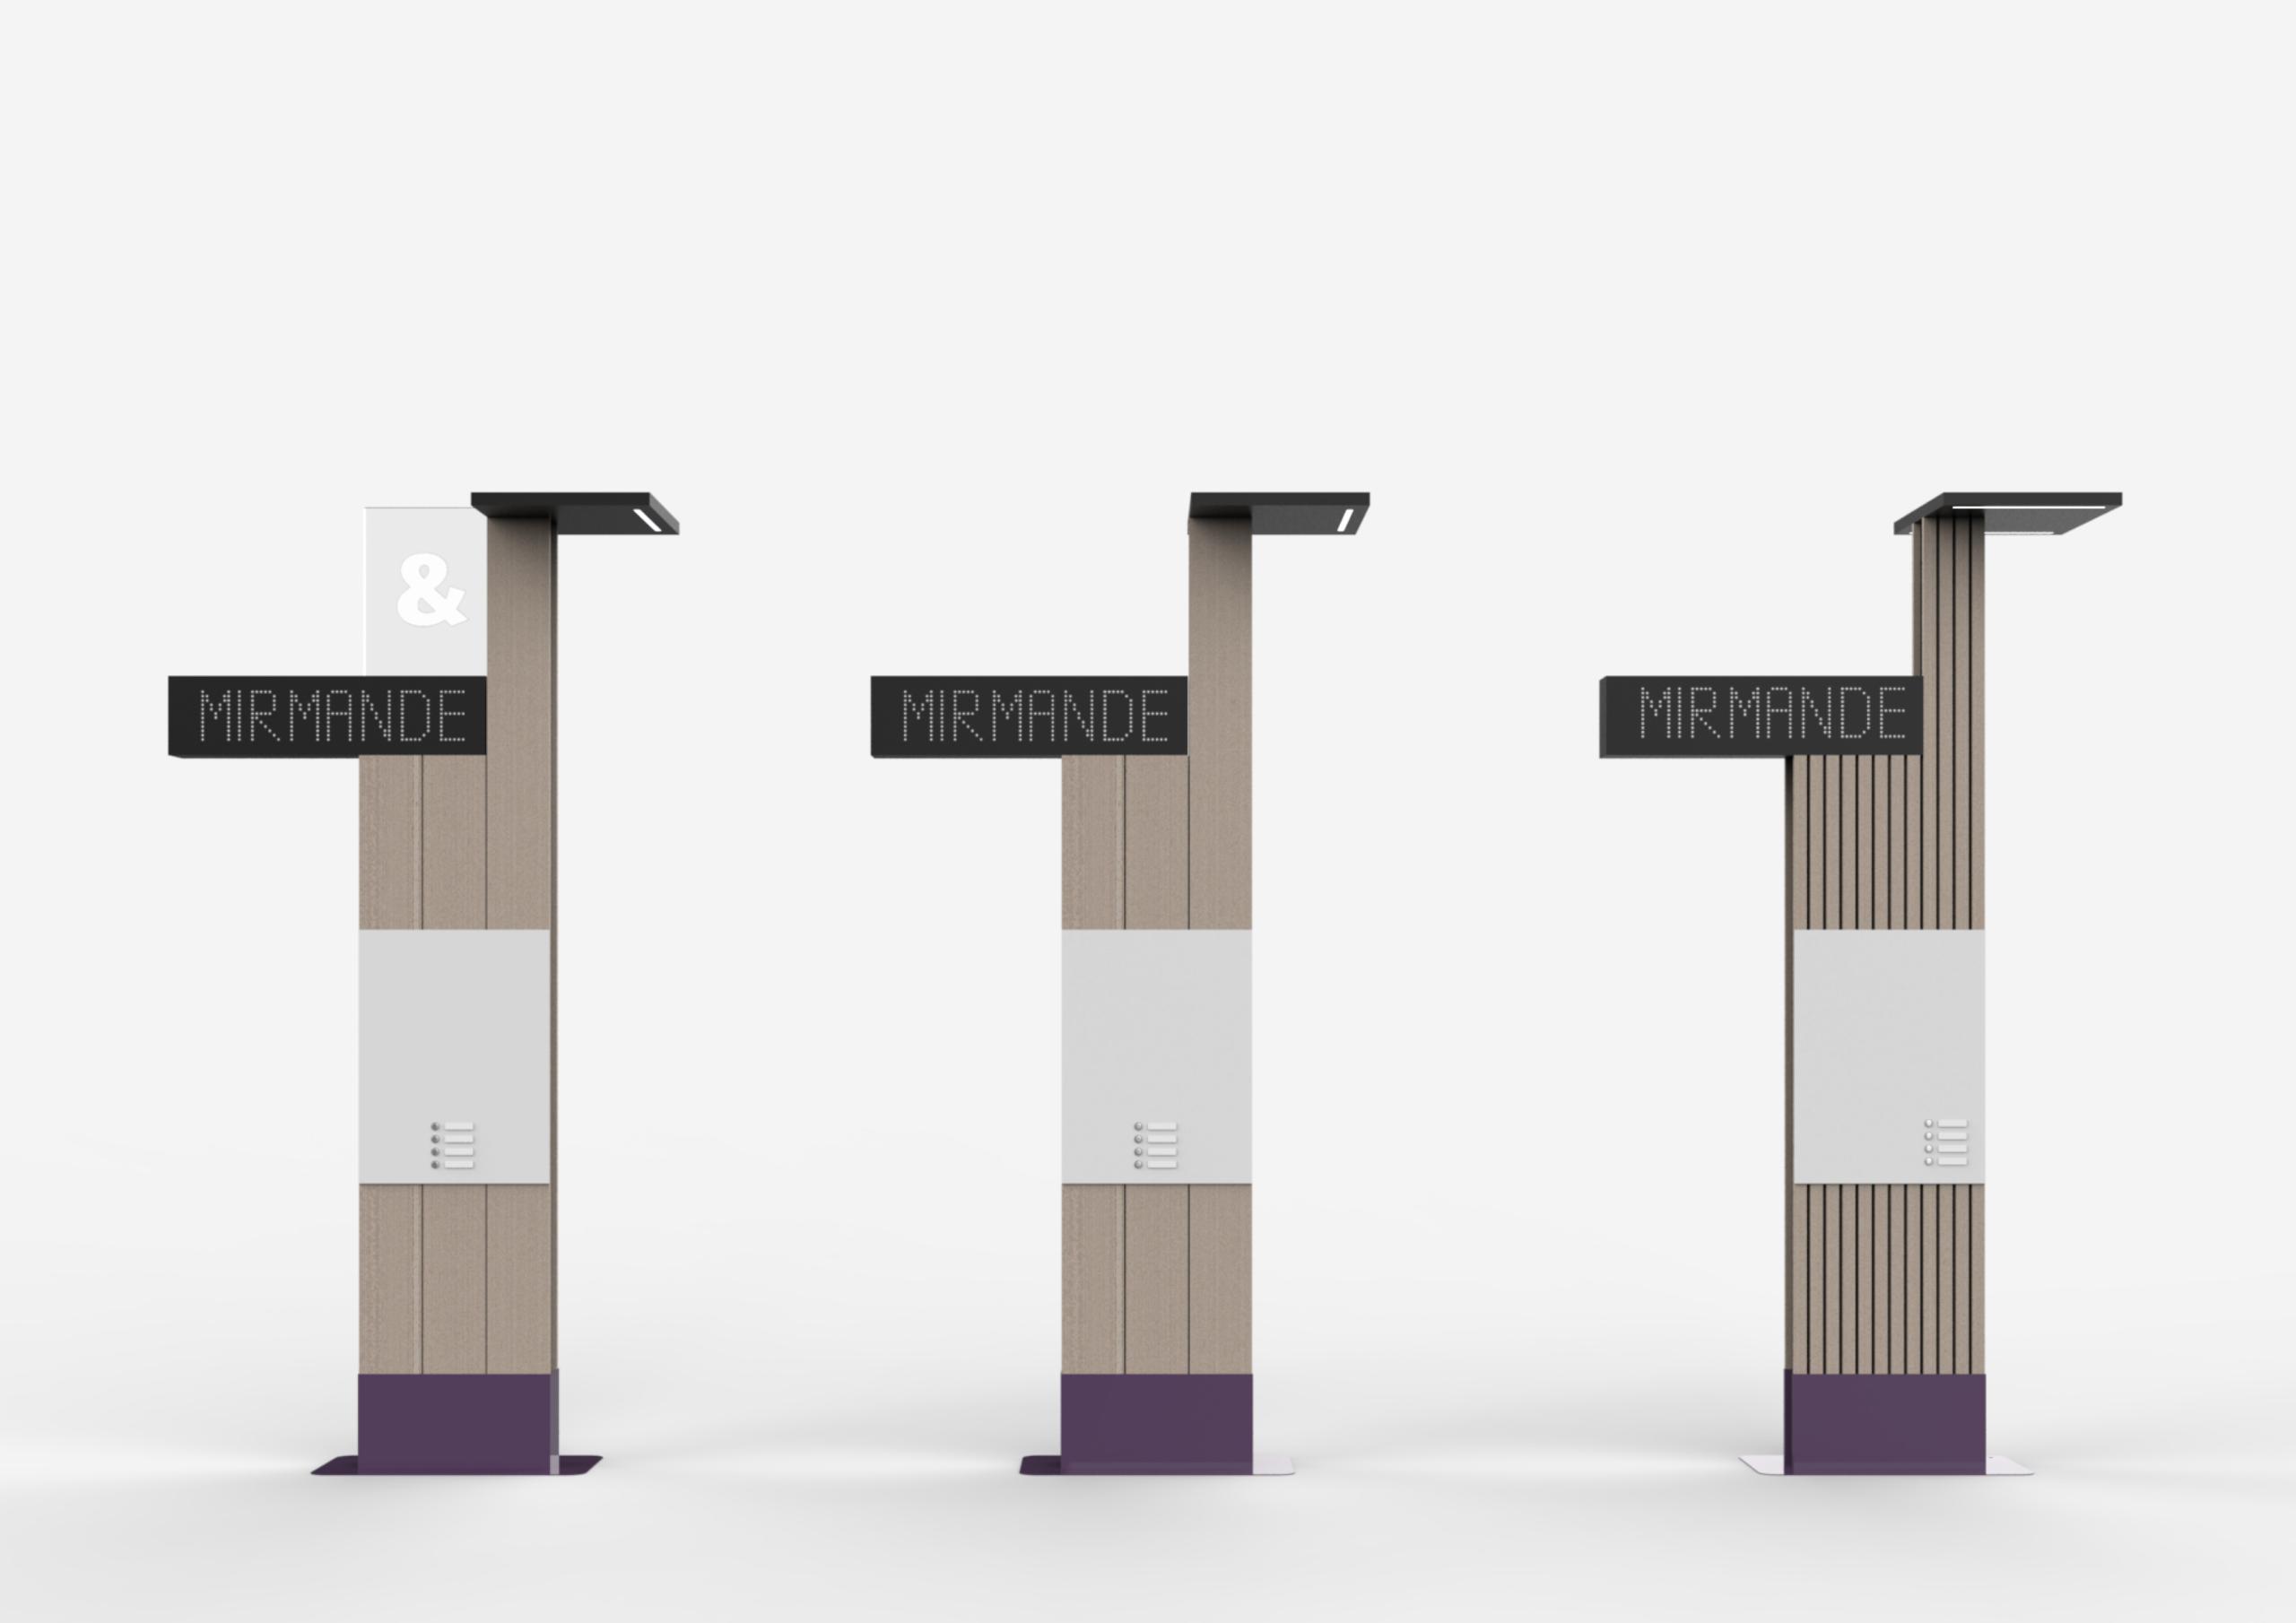 Station de mobilité - design produit